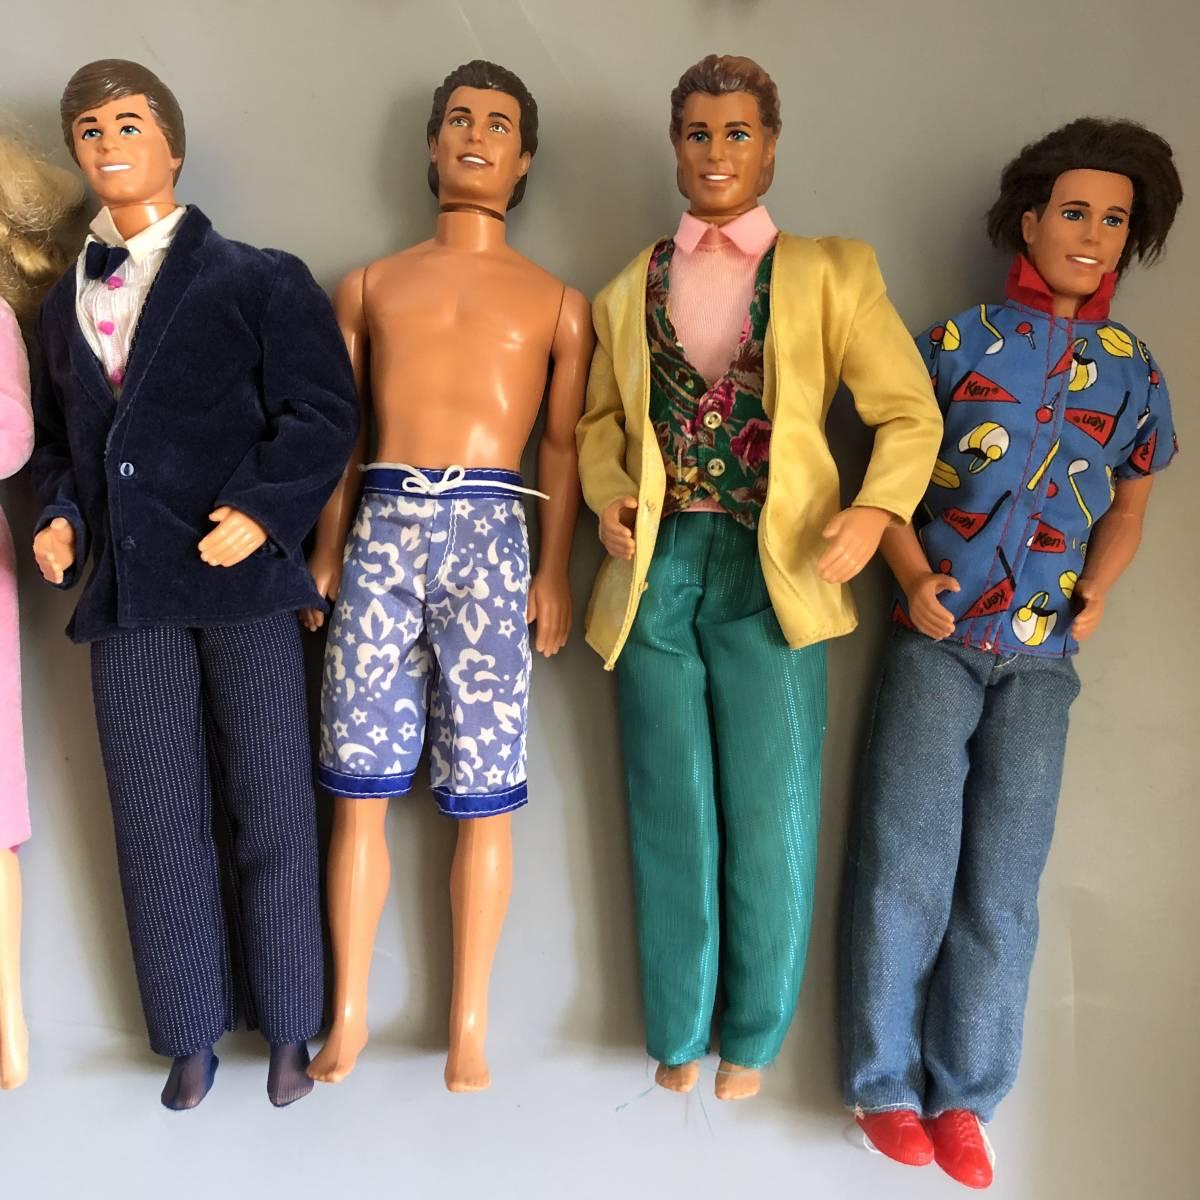 初期バービーあり1960年代バービー 中古バービー彼氏 まとめて22点セット大量ビンテージ昭和レトロ人形dollドール着せ替えレア送料無料_画像3